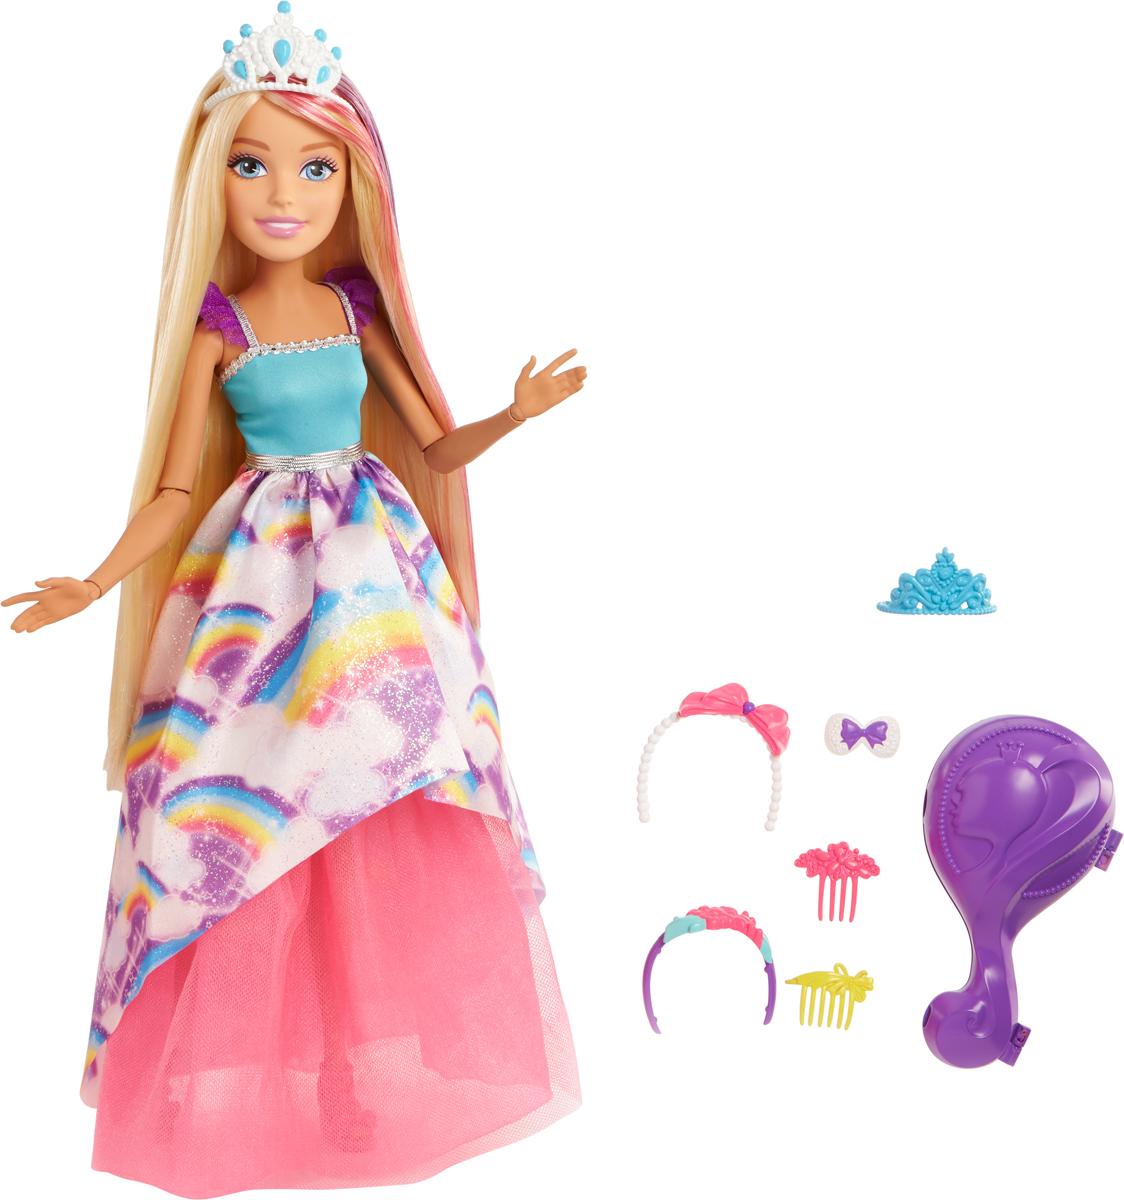 Barbie Кукла Блондинка с длинными волосами 43 см наборы аксессуаров для волос esli комплект аксессуаров для волос lovely floral